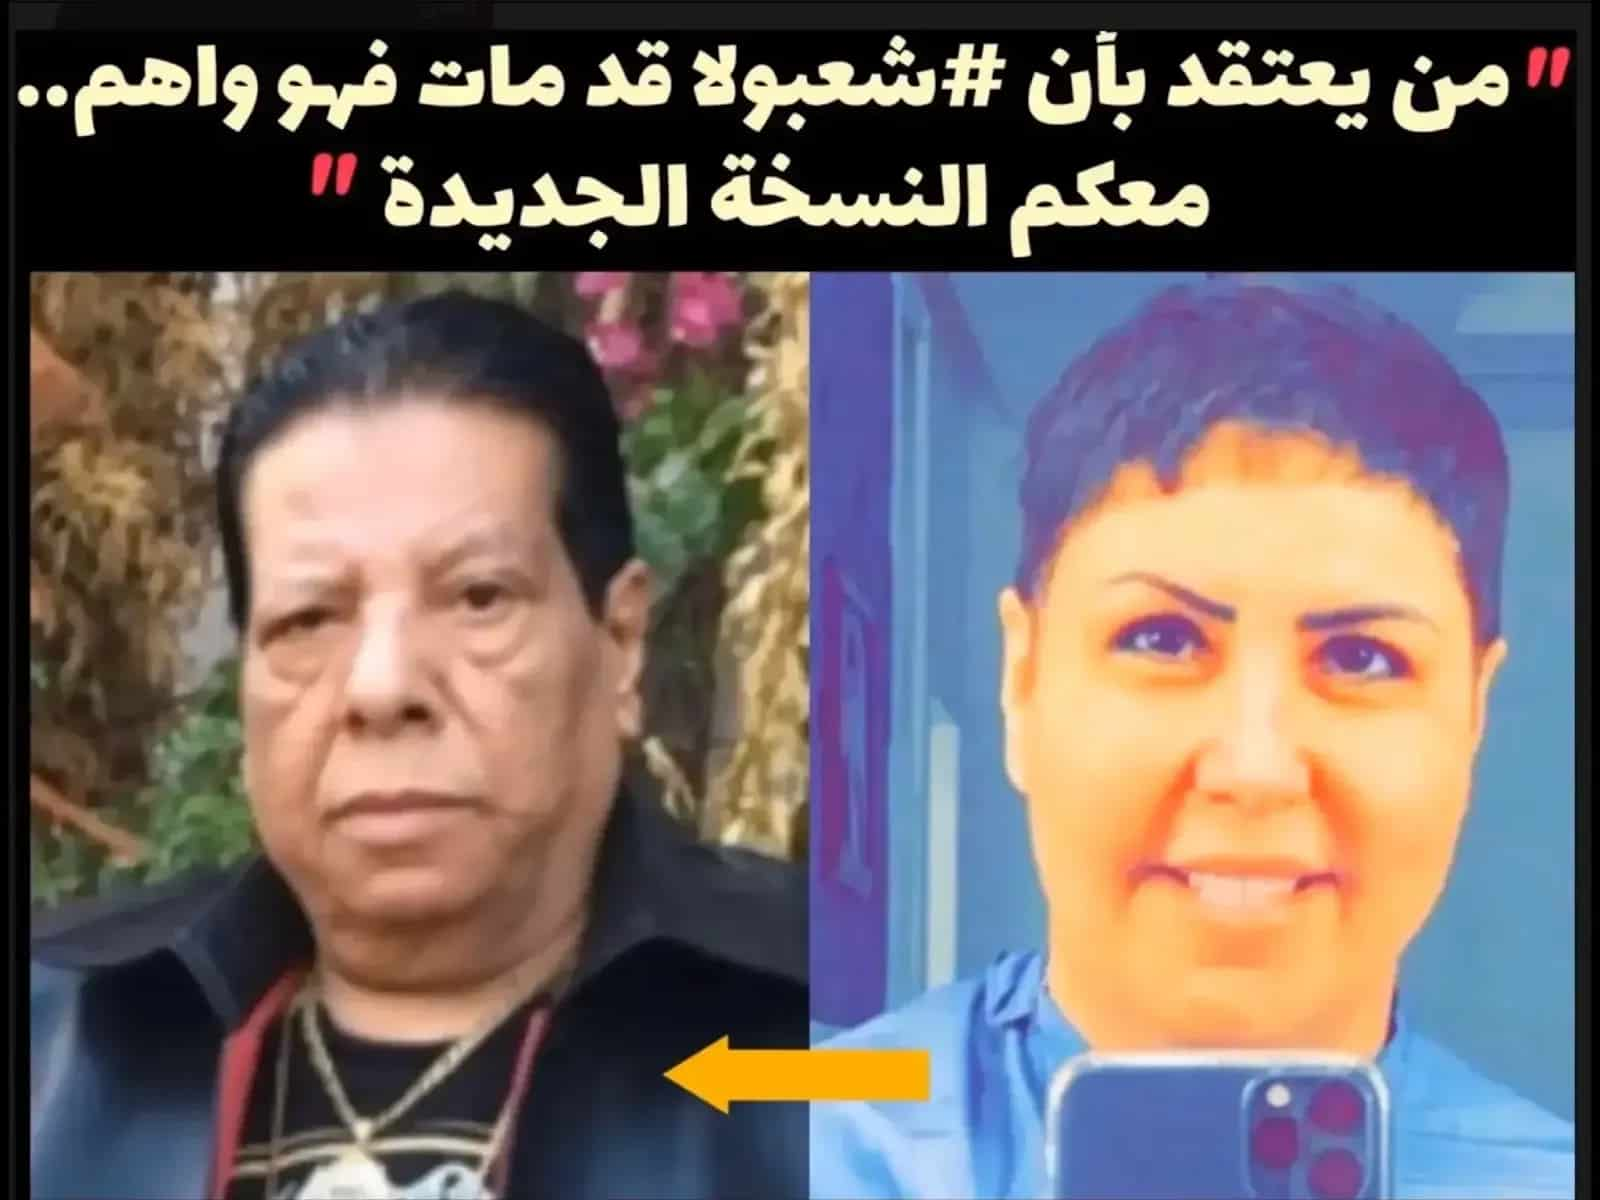 فجر السعيد ترد علي مغرد سخر من منها بتشبيهها بالفنان شعبان عبد الرحيم